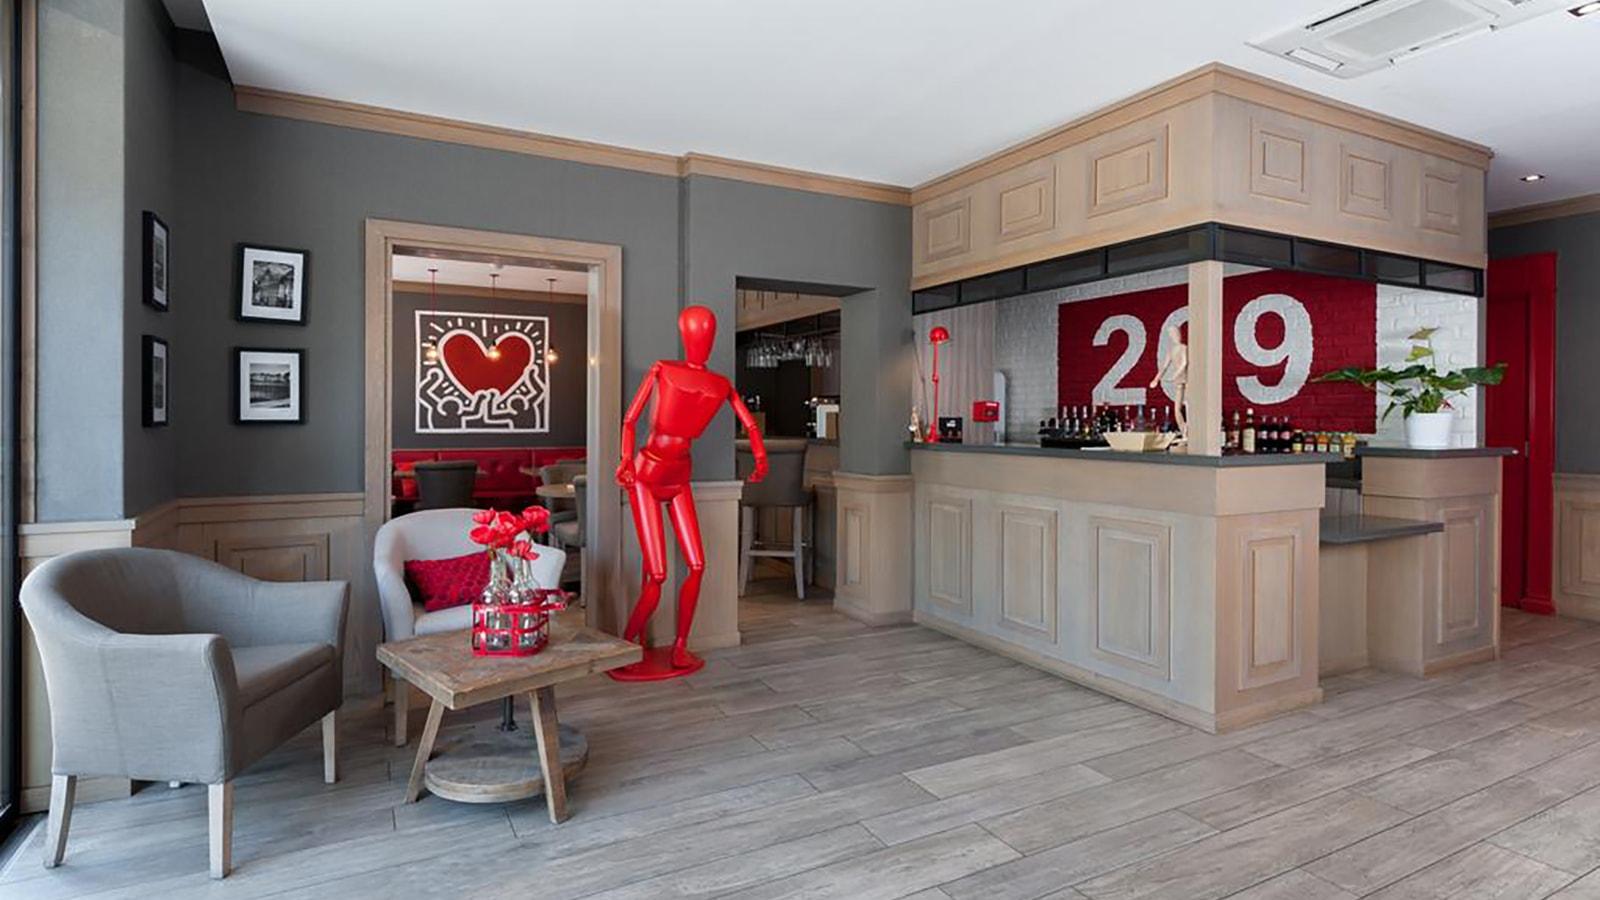 EFI Design Hotel Le 209 Paris Efi Design (1) 1183